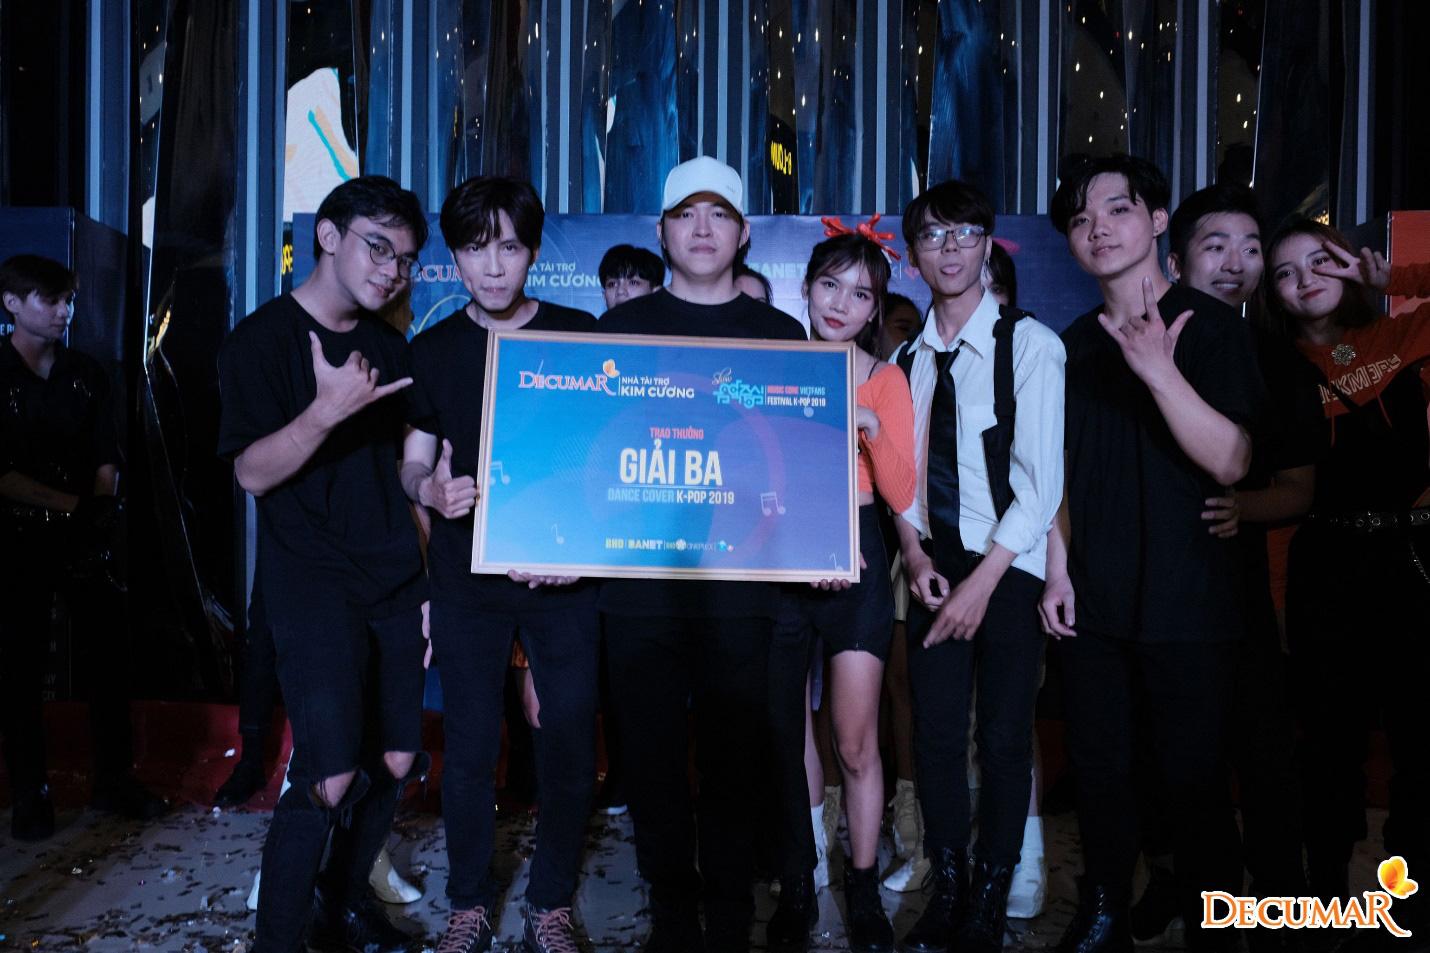 Hàng loạt nhóm nhảy quẩy hết mình tại sự kiện Music Core Vietfans Festival K-POP 2019 - Ảnh 2.